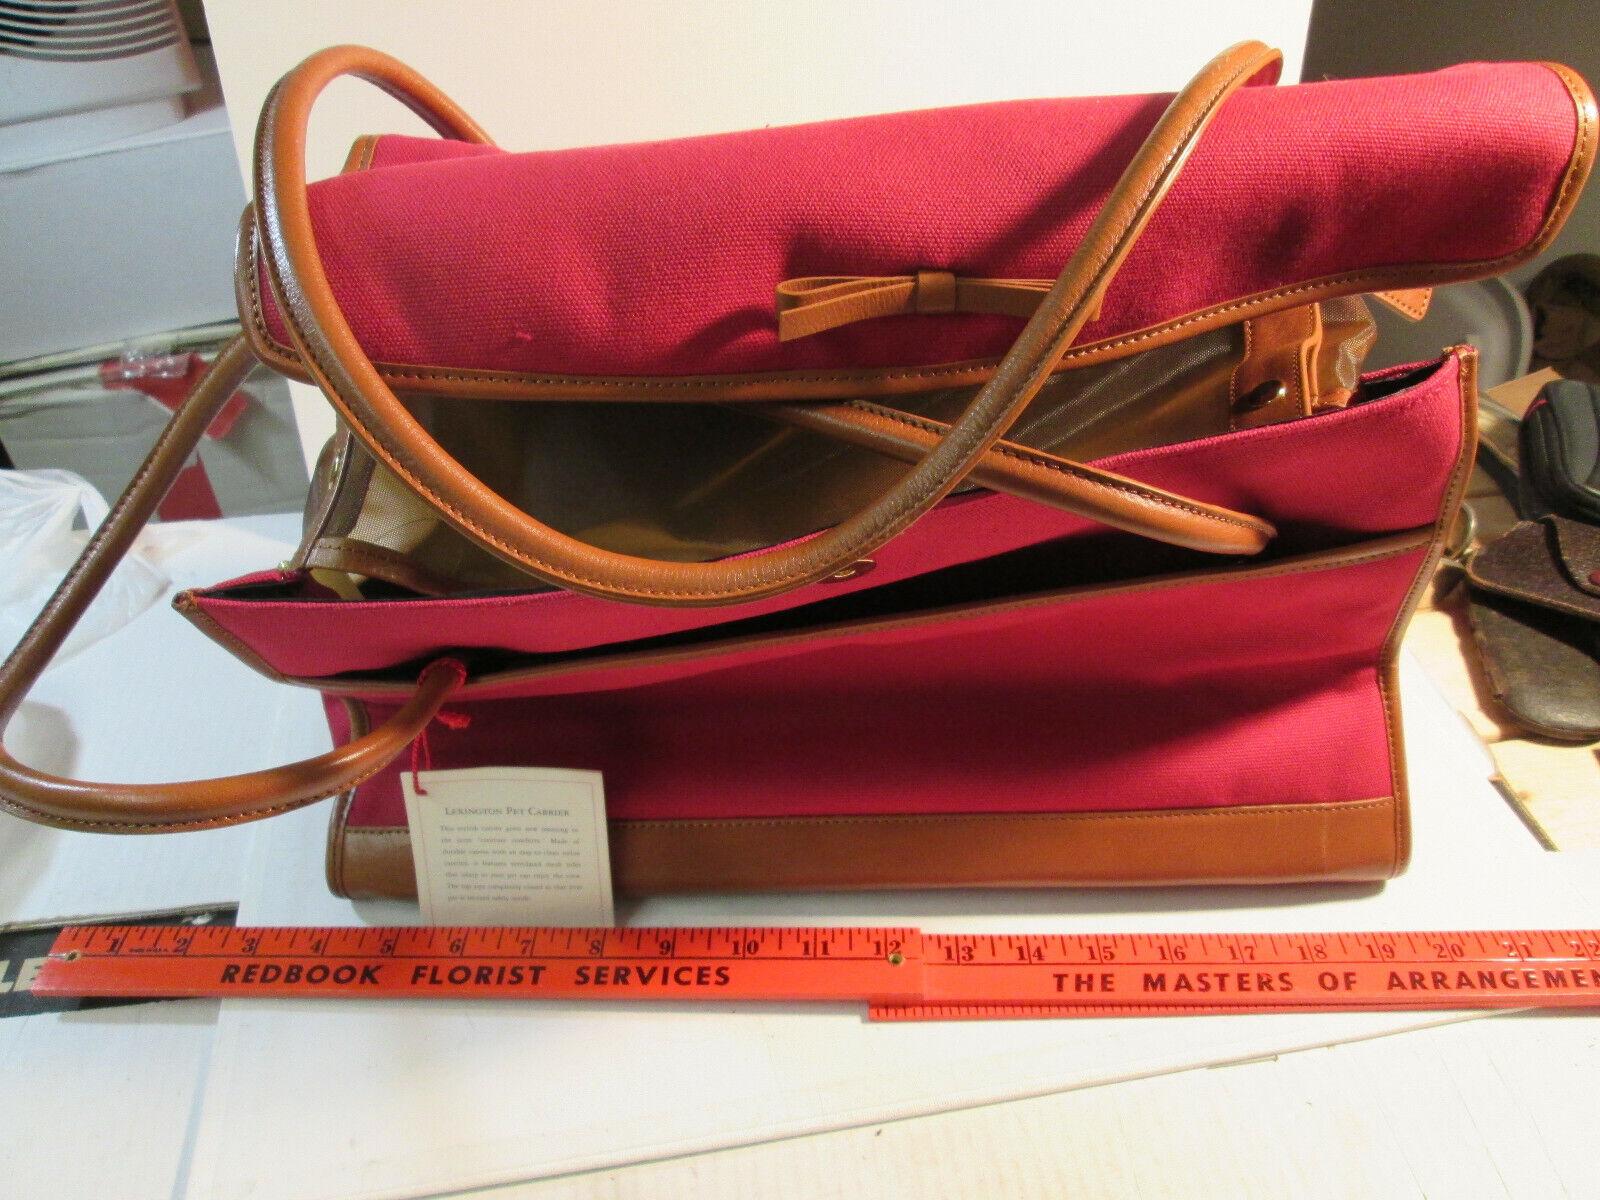 Lexington Pet Carrier Handbag - Leather Tote